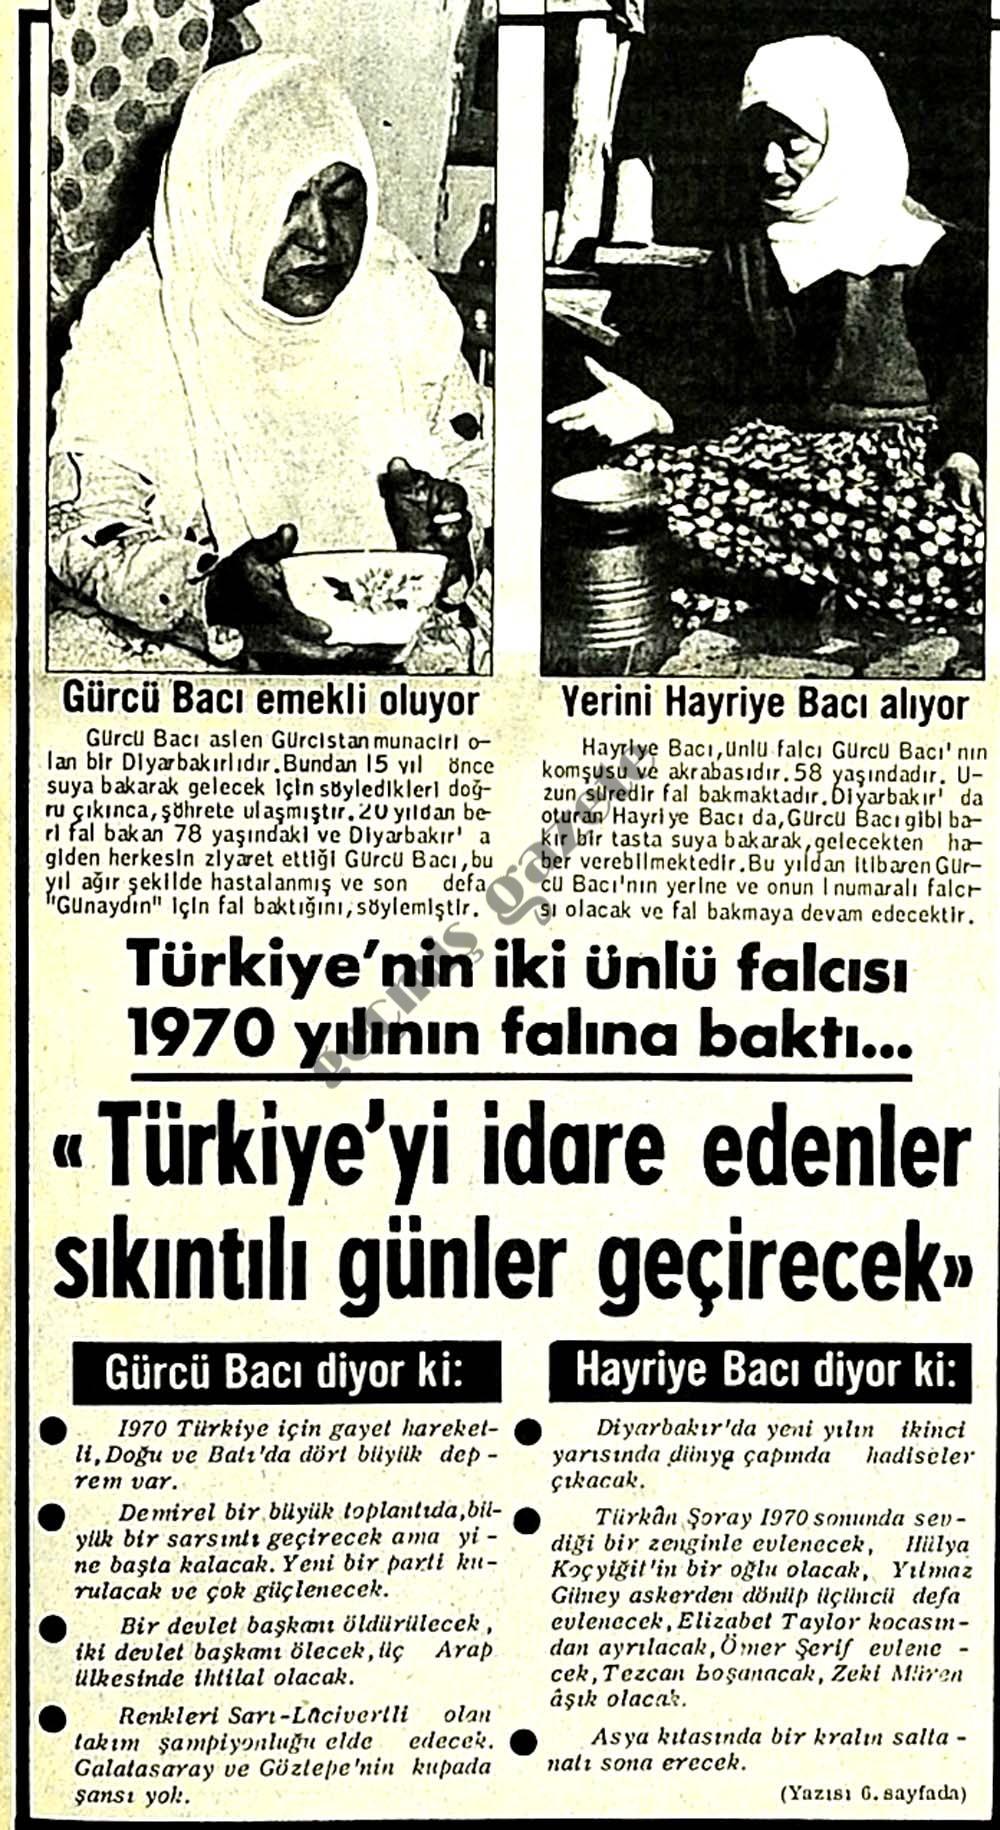 Türkiye'nin iki ünlü falcısı 1970 yılının falına baktı